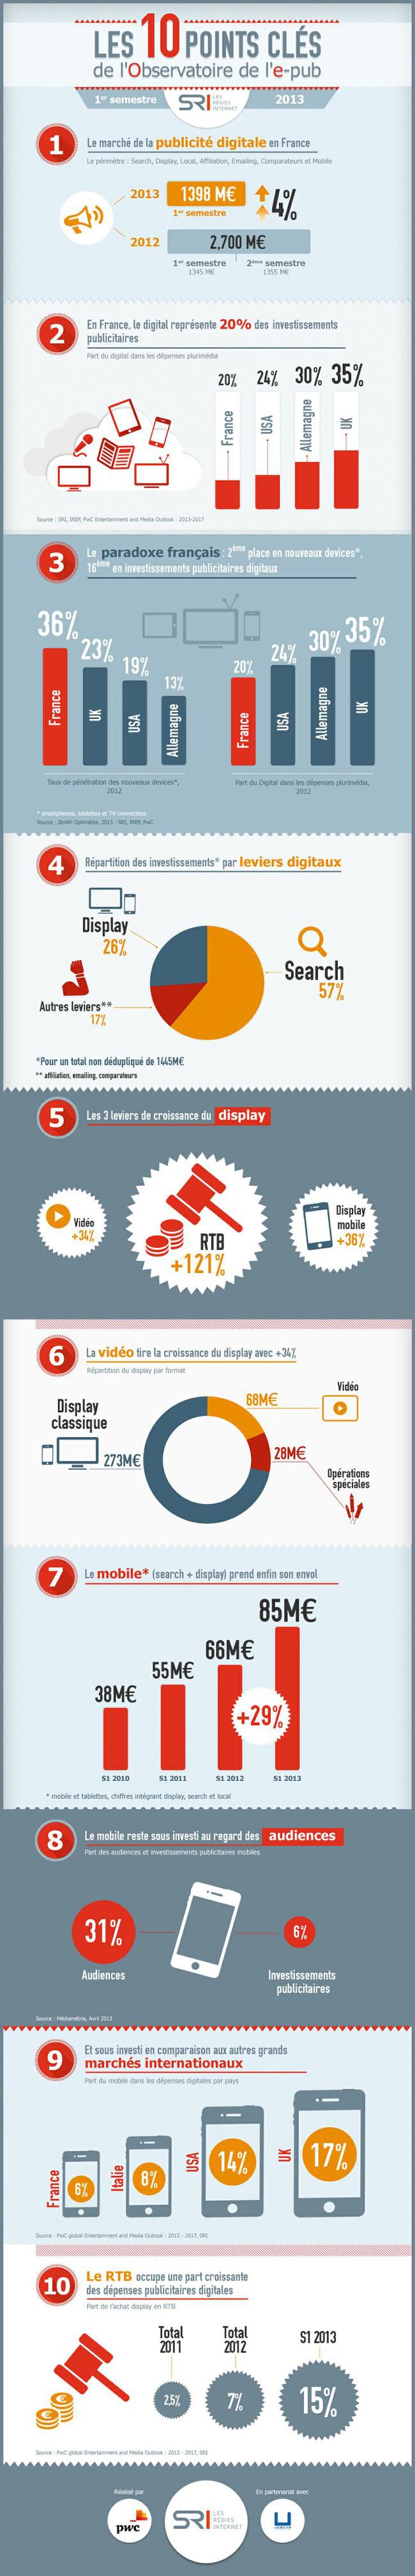 infographie-e-pub-pinterest-retaille